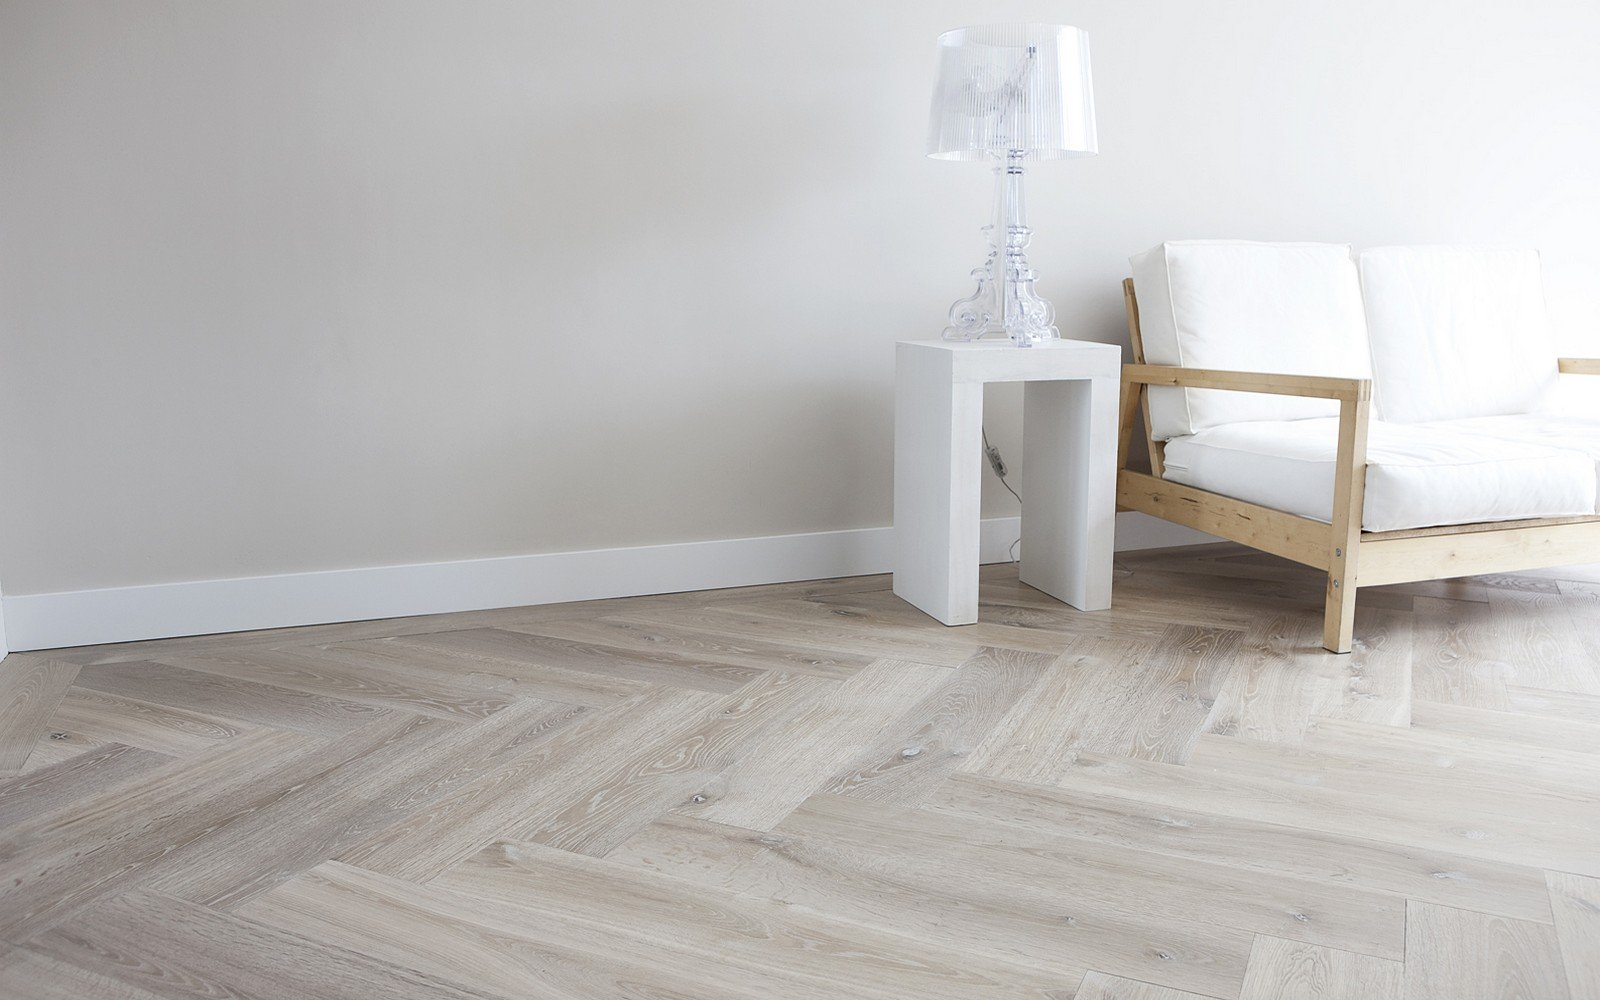 vloerbedekking slaapkamer kleur consenza for meubels ideen